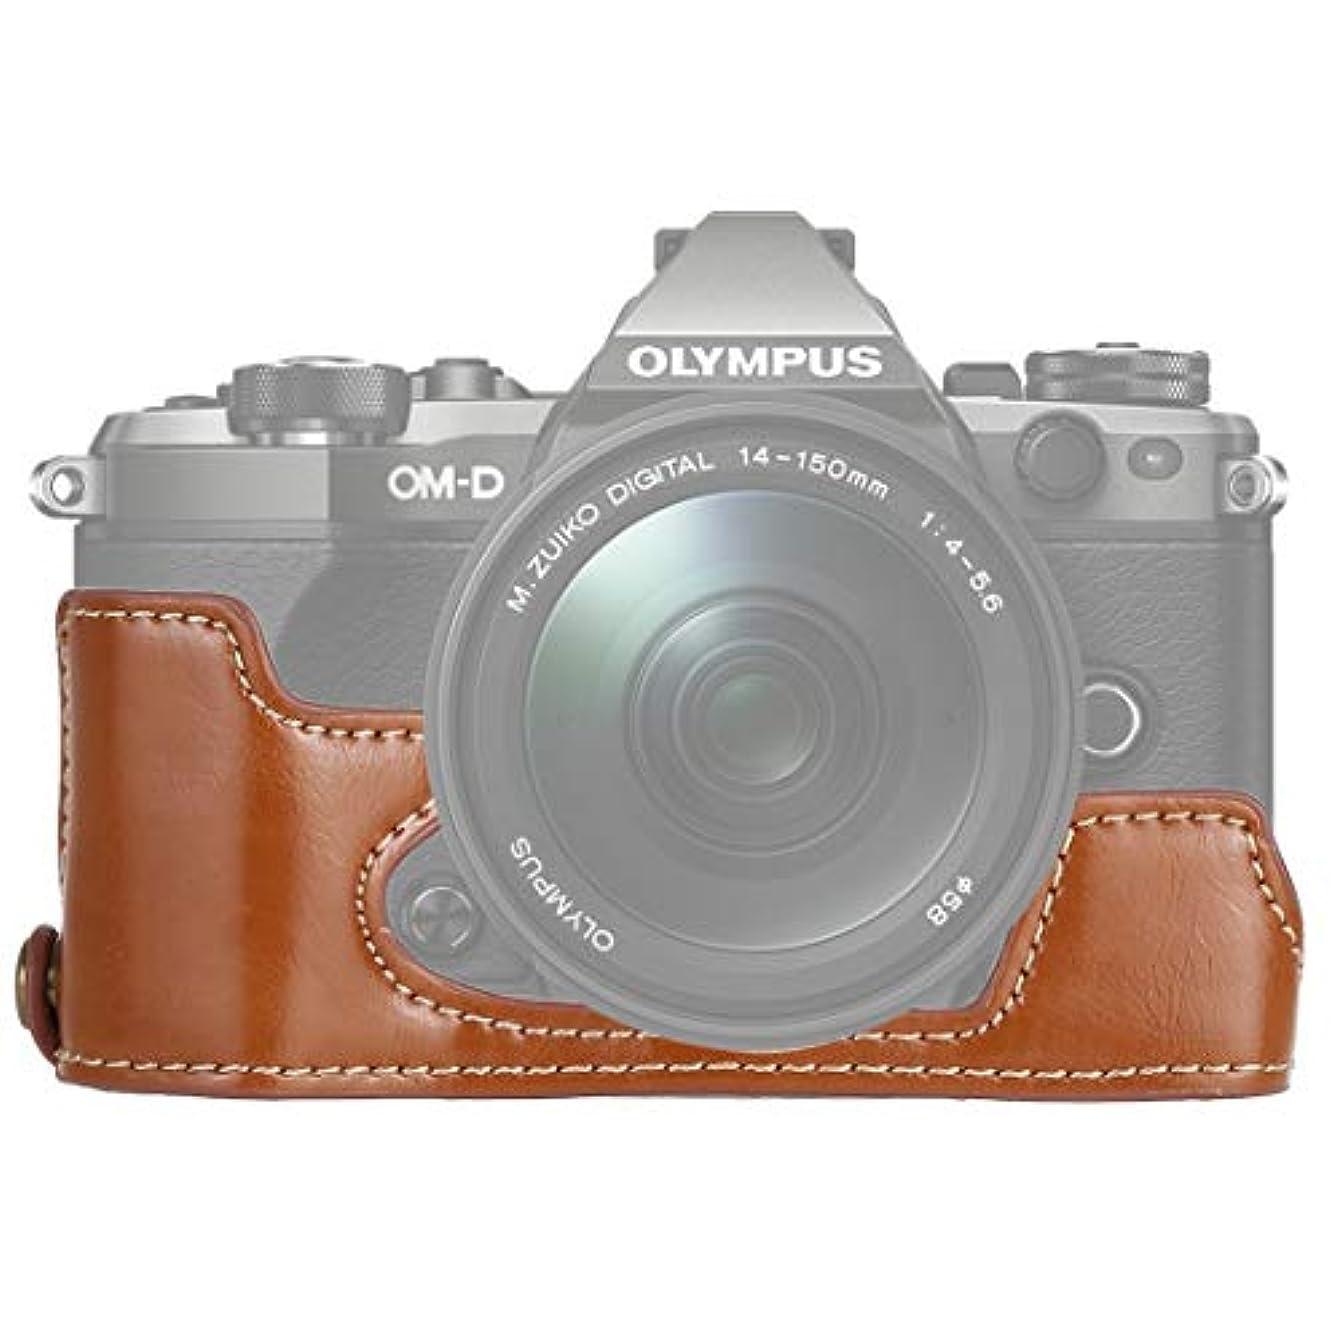 プレビスサイト動脈お酒HJJUANJP カメラアクセサリー 保護 Olympus EM5 / EM5 Mark II用1/4インチスレッドPUレザーカメラハーフケースベース (色 : Brown)